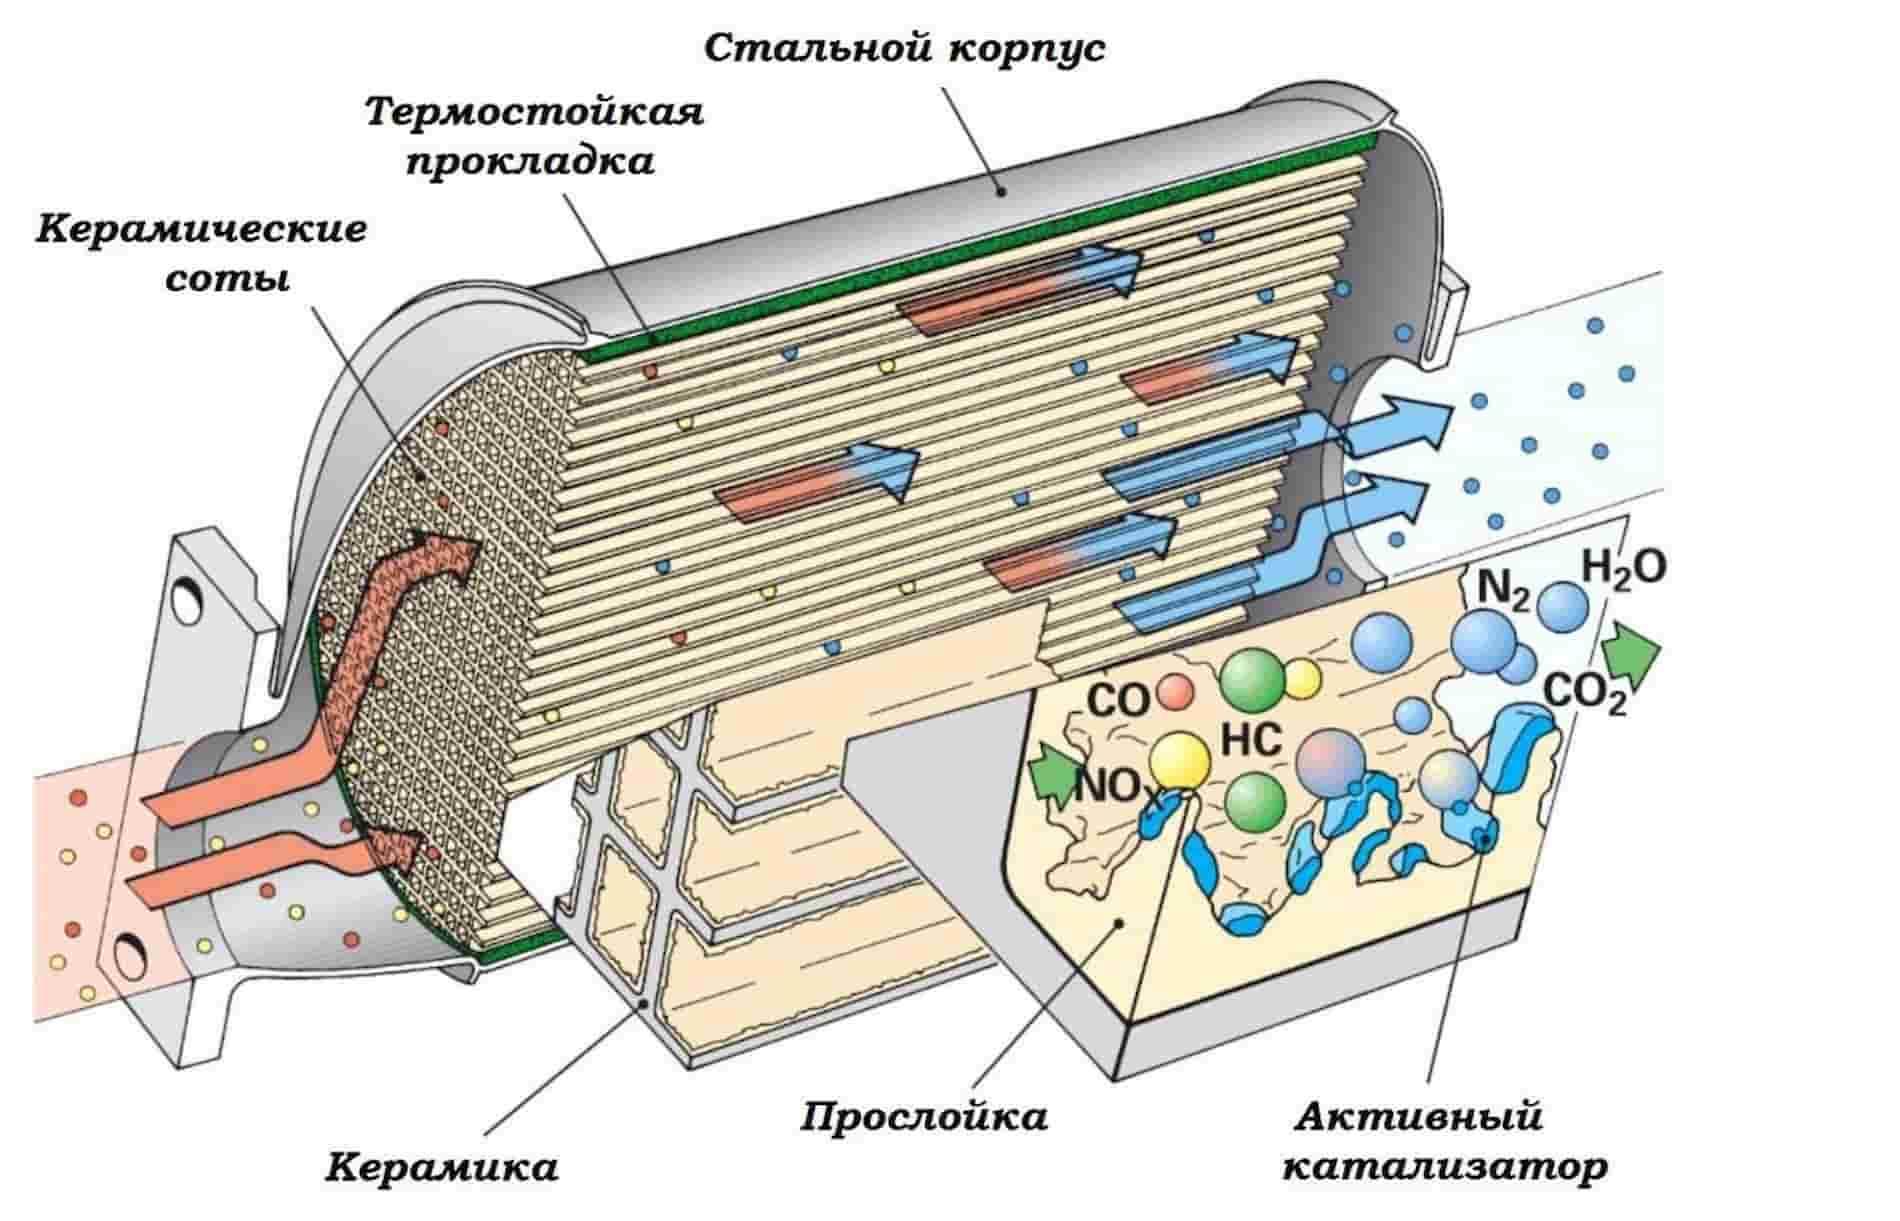 sostav avtomobilnogo katalizatora 1